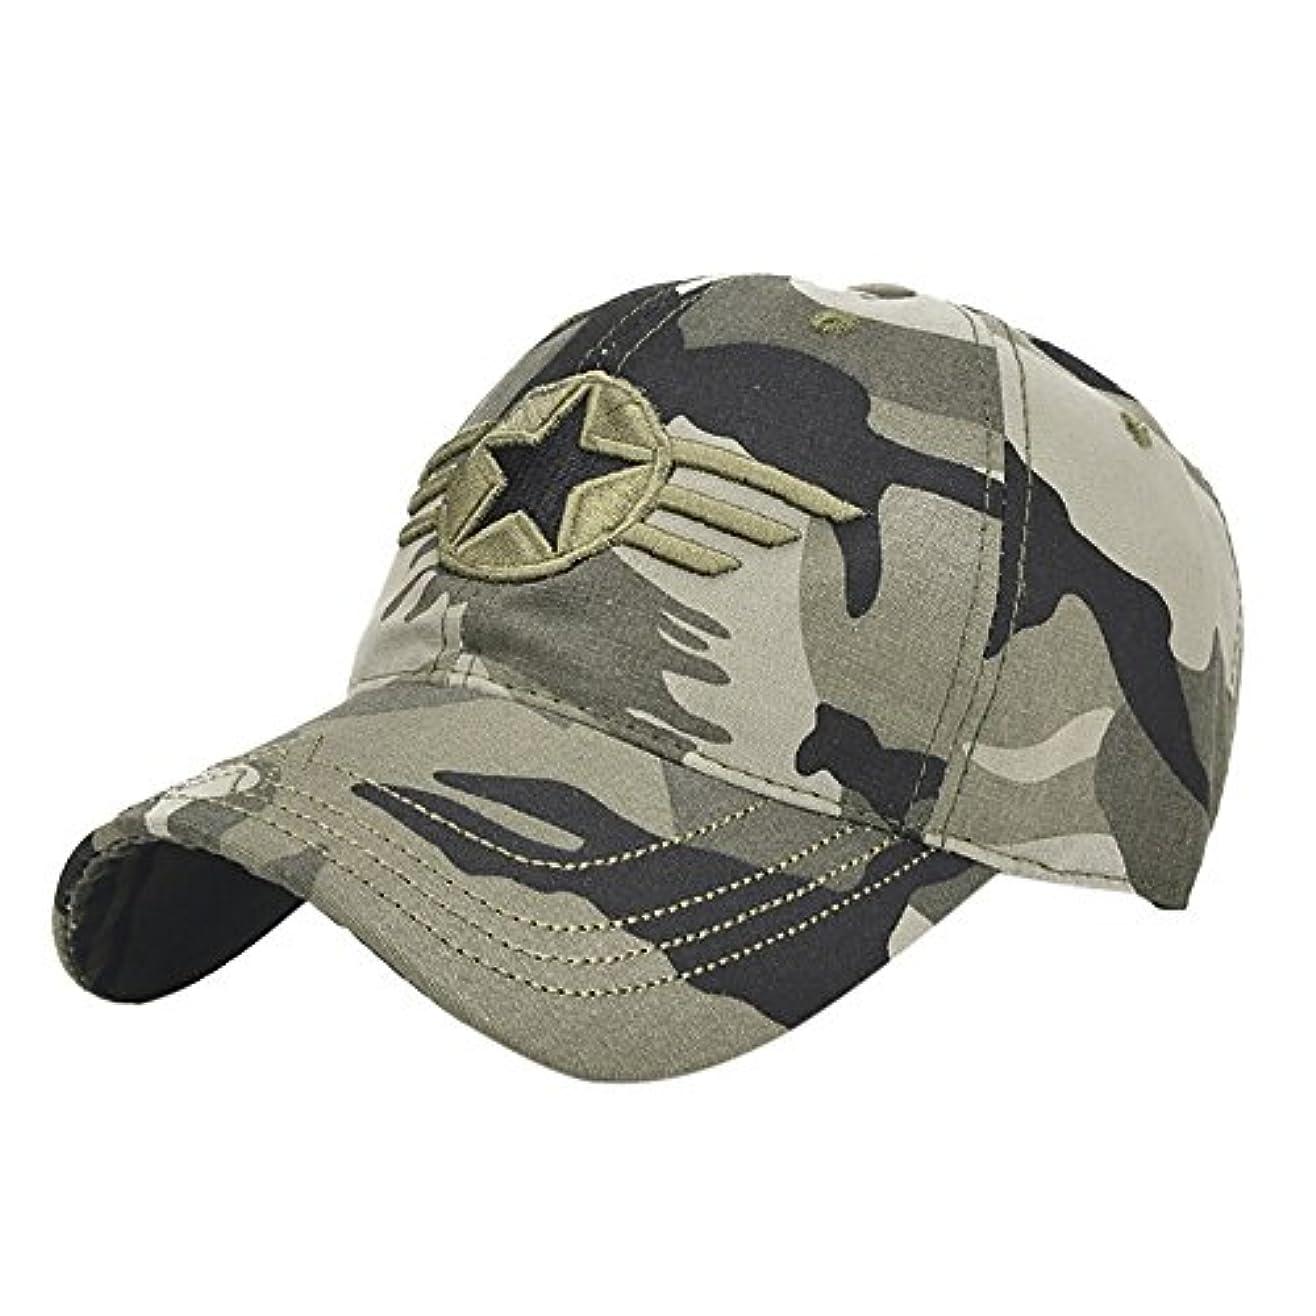 バタフライ暗いロケーションRacazing Cap ミリタリーキャップ 野球帽 迷彩 夏 登山 通気性のある メッシュ 帽子 ベルクロ 可調整可能 スターバッジ 刺繍 棒球帽 UV 帽子 軽量 屋外 Unisex Hat (迷彩)